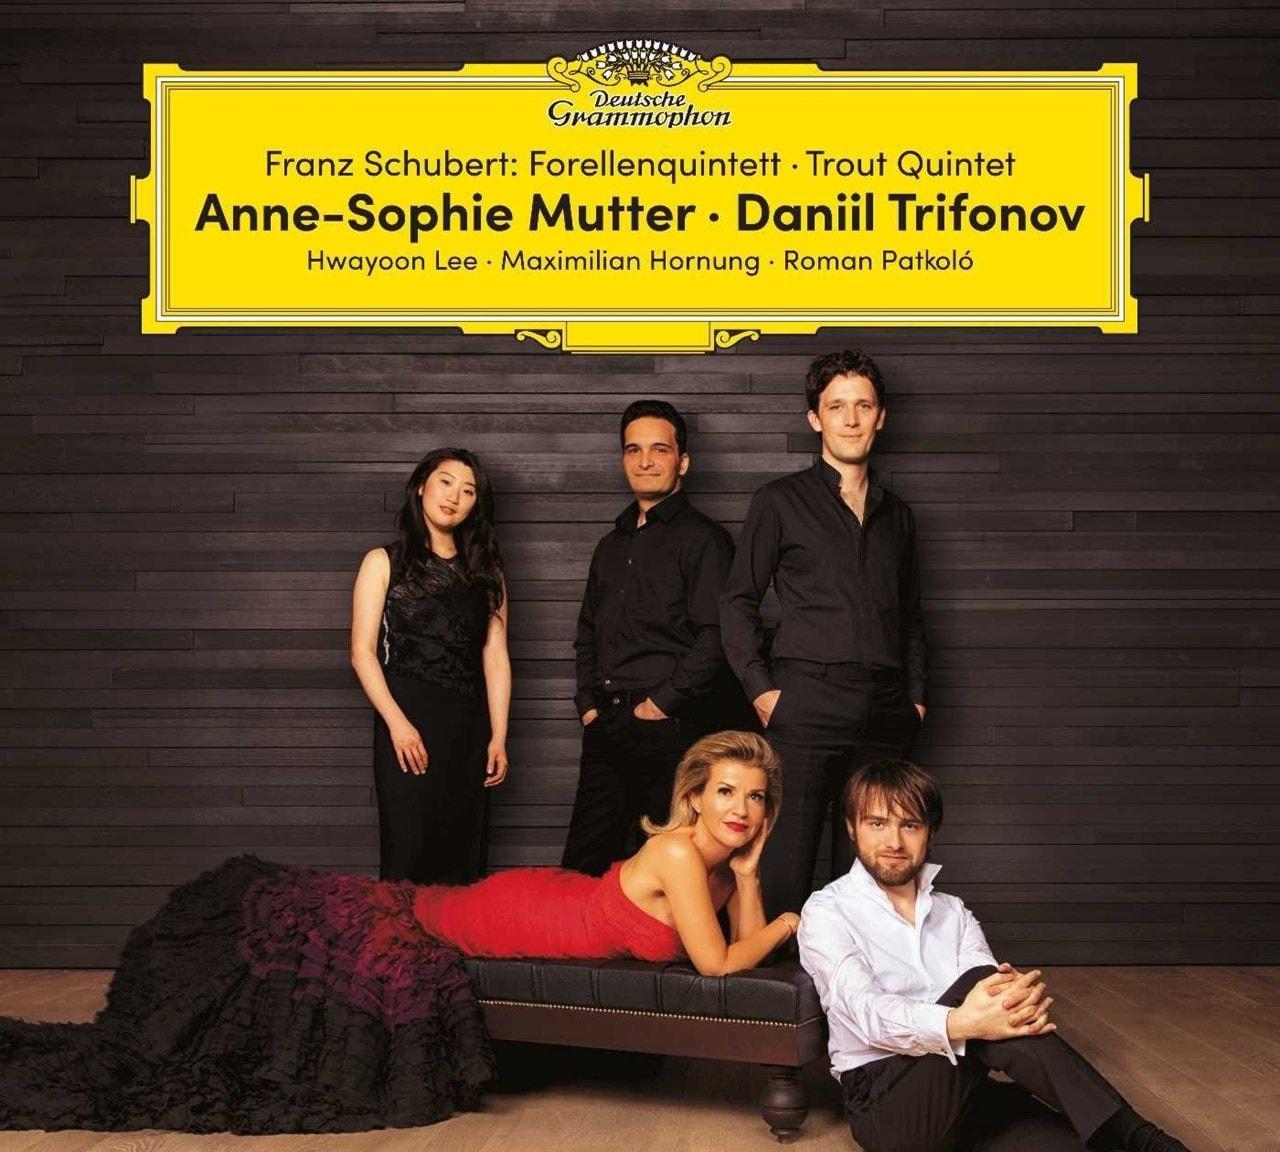 Franz Schubert: Forellenquintett - 1